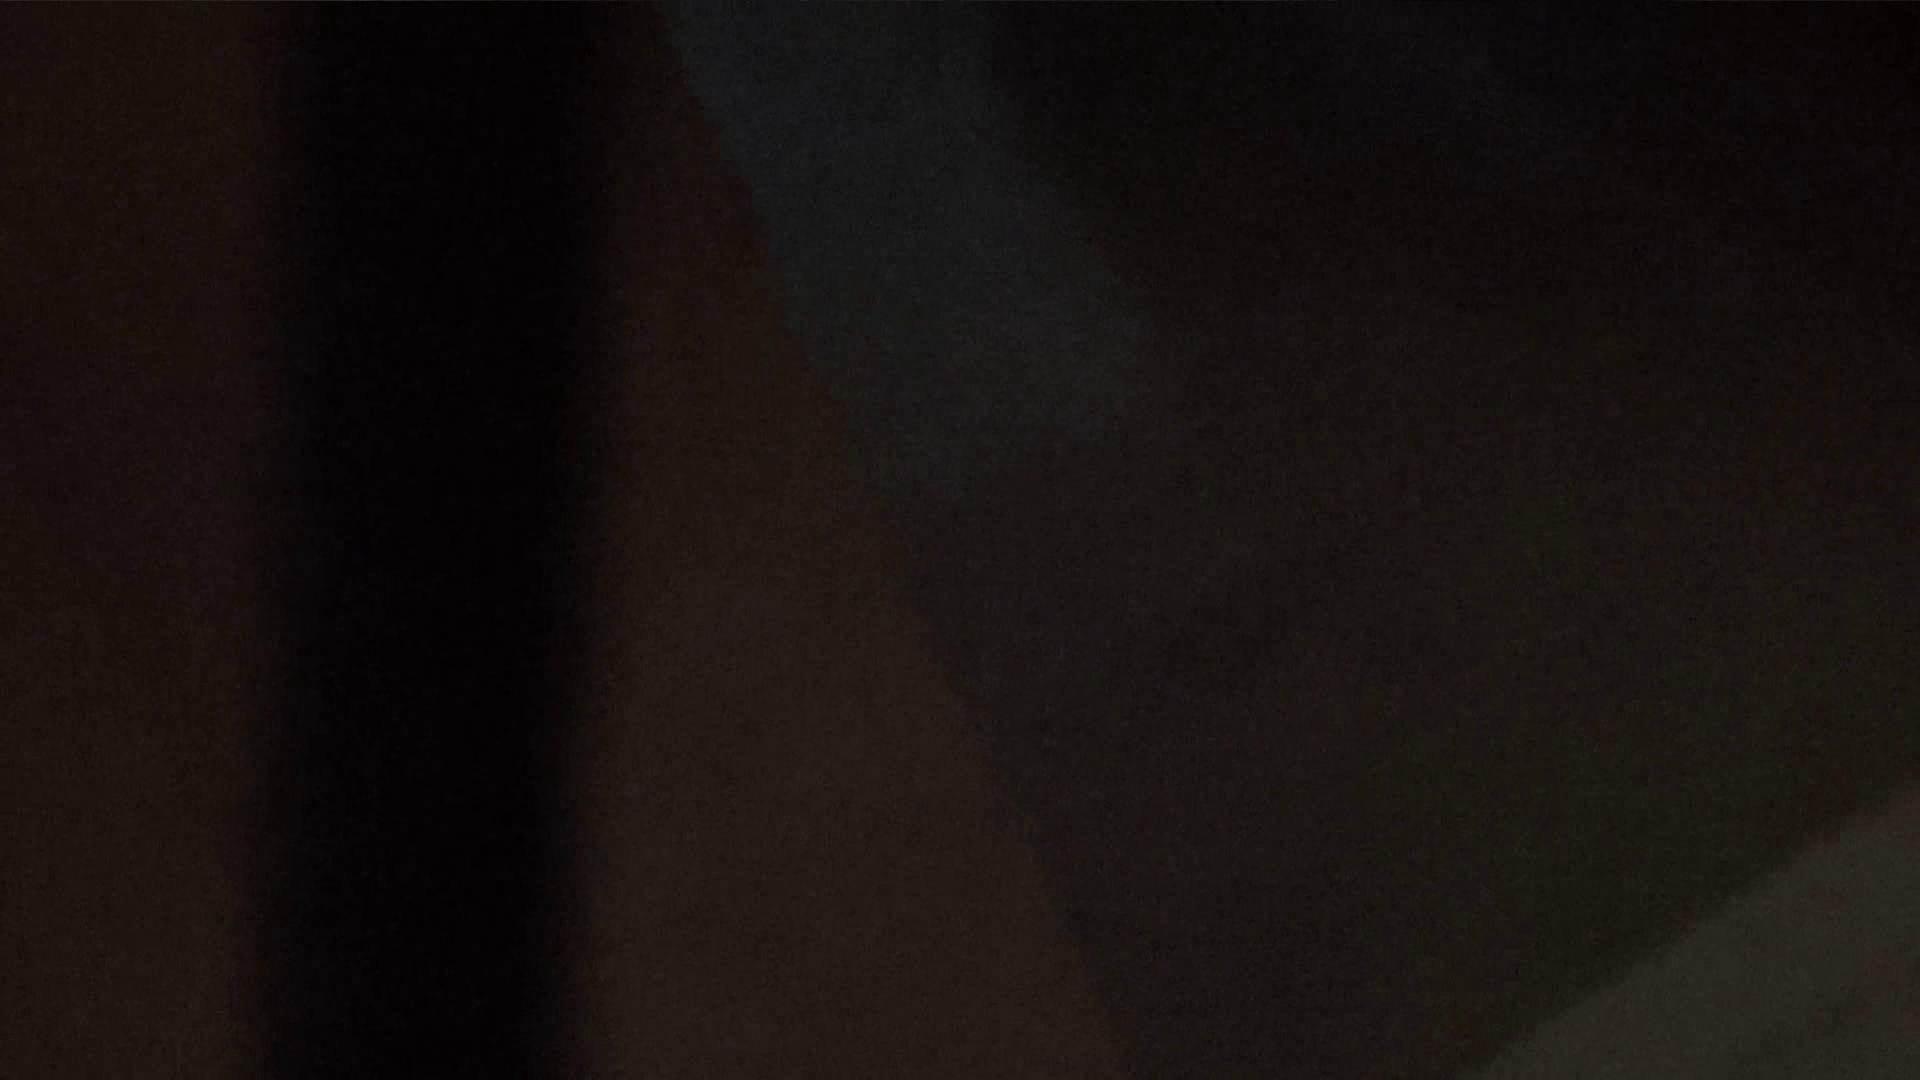 民家の騎士さんの最後の性戦ハイビジョン!!No.65 プライベート 盗撮動画紹介 89画像 47